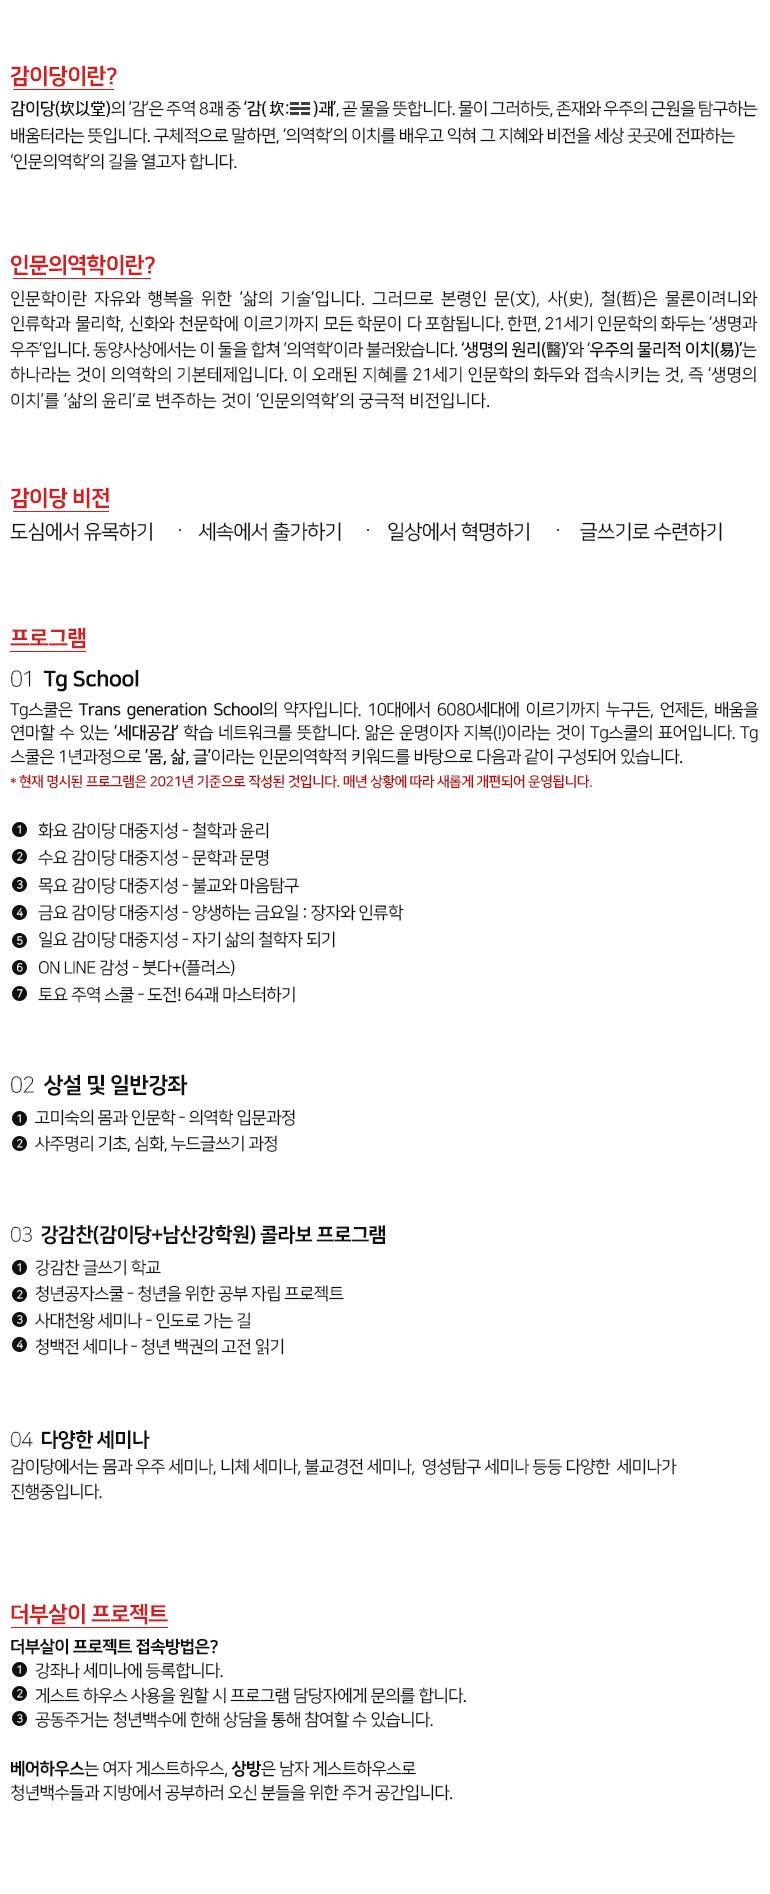 감이당소개(2021).png